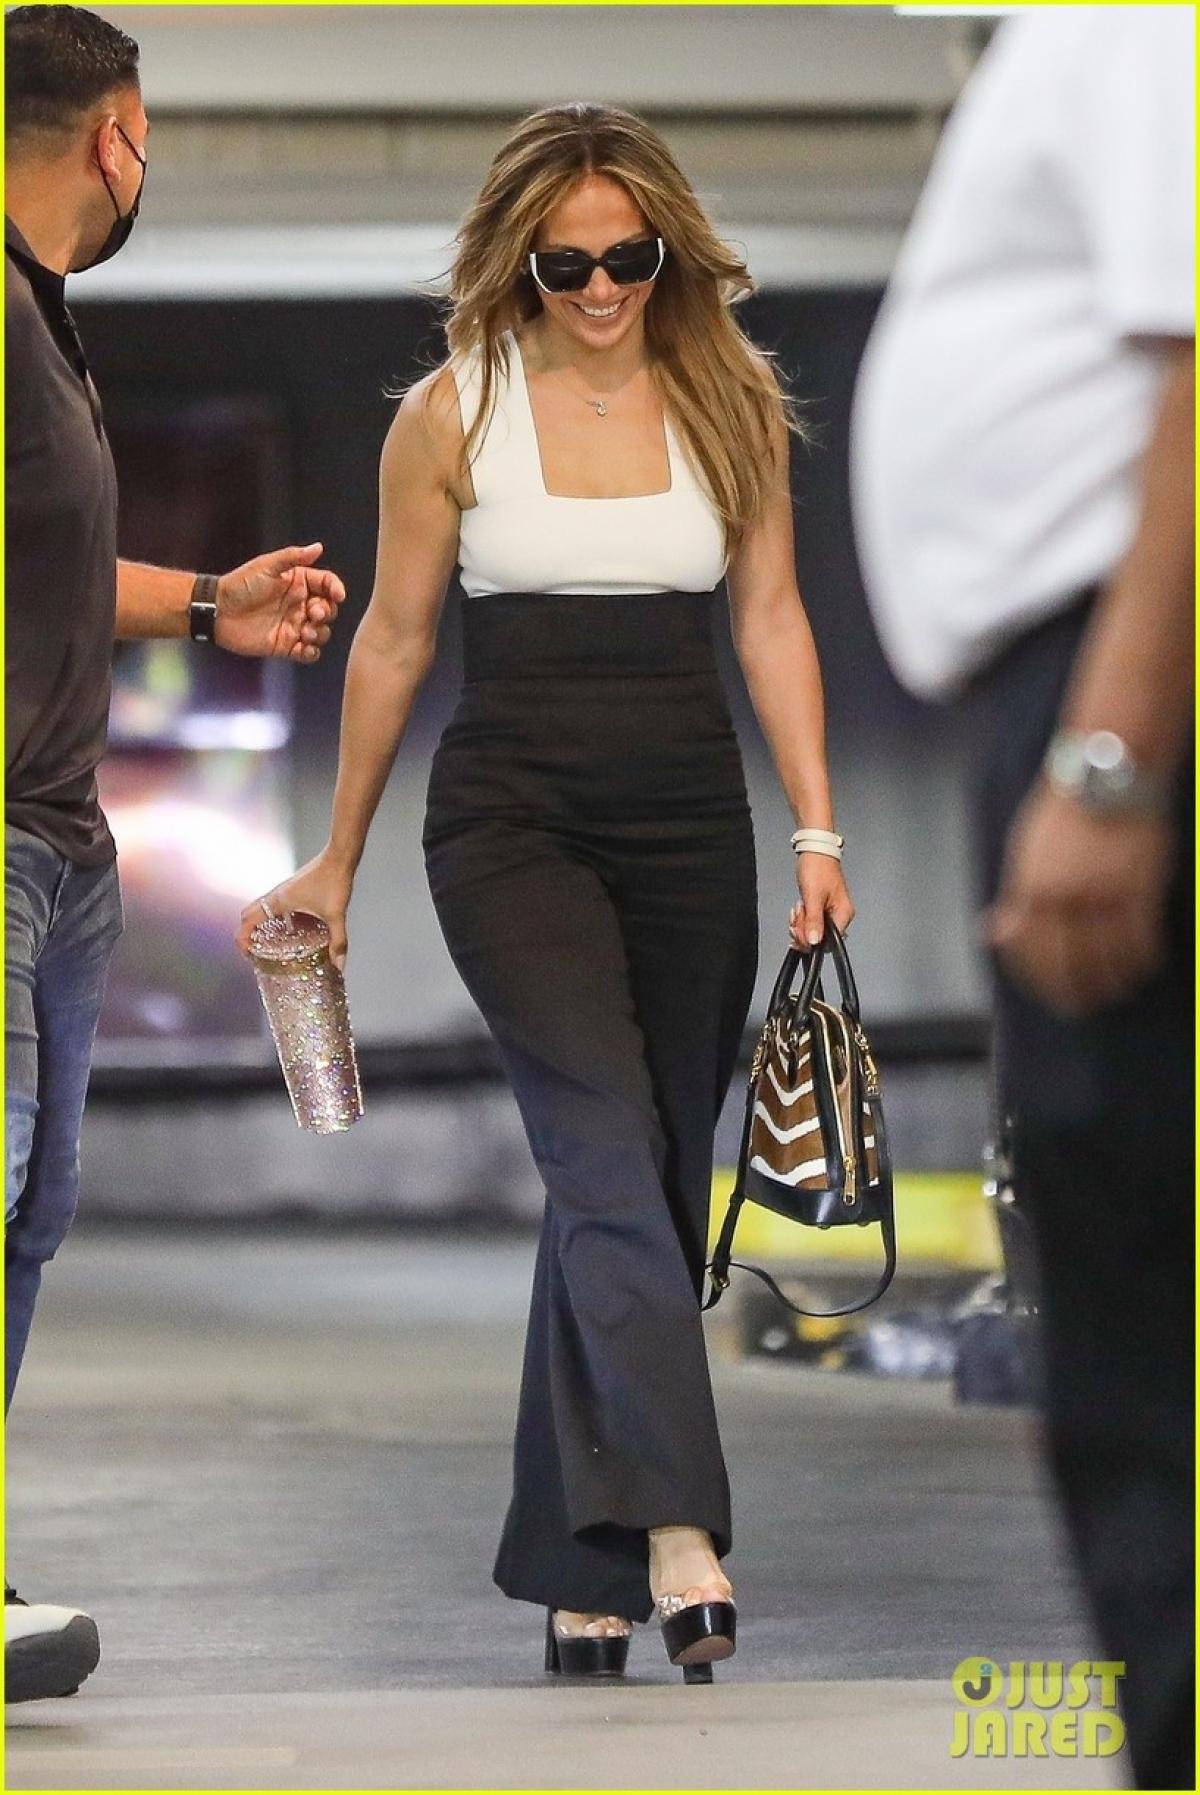 Jennifer Lopez hiện đang có mối quan hệ tình cảm bên bạn trai Ben Affleck.